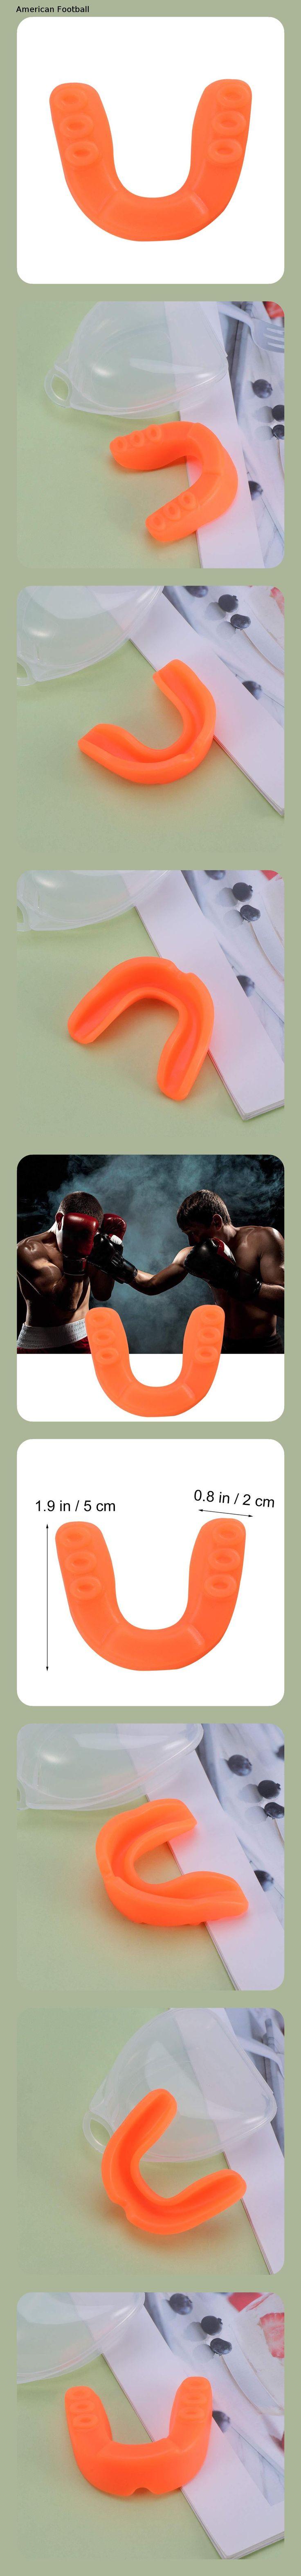 Erwachsener Sport Mundschutz Gummi Schild Schutz für